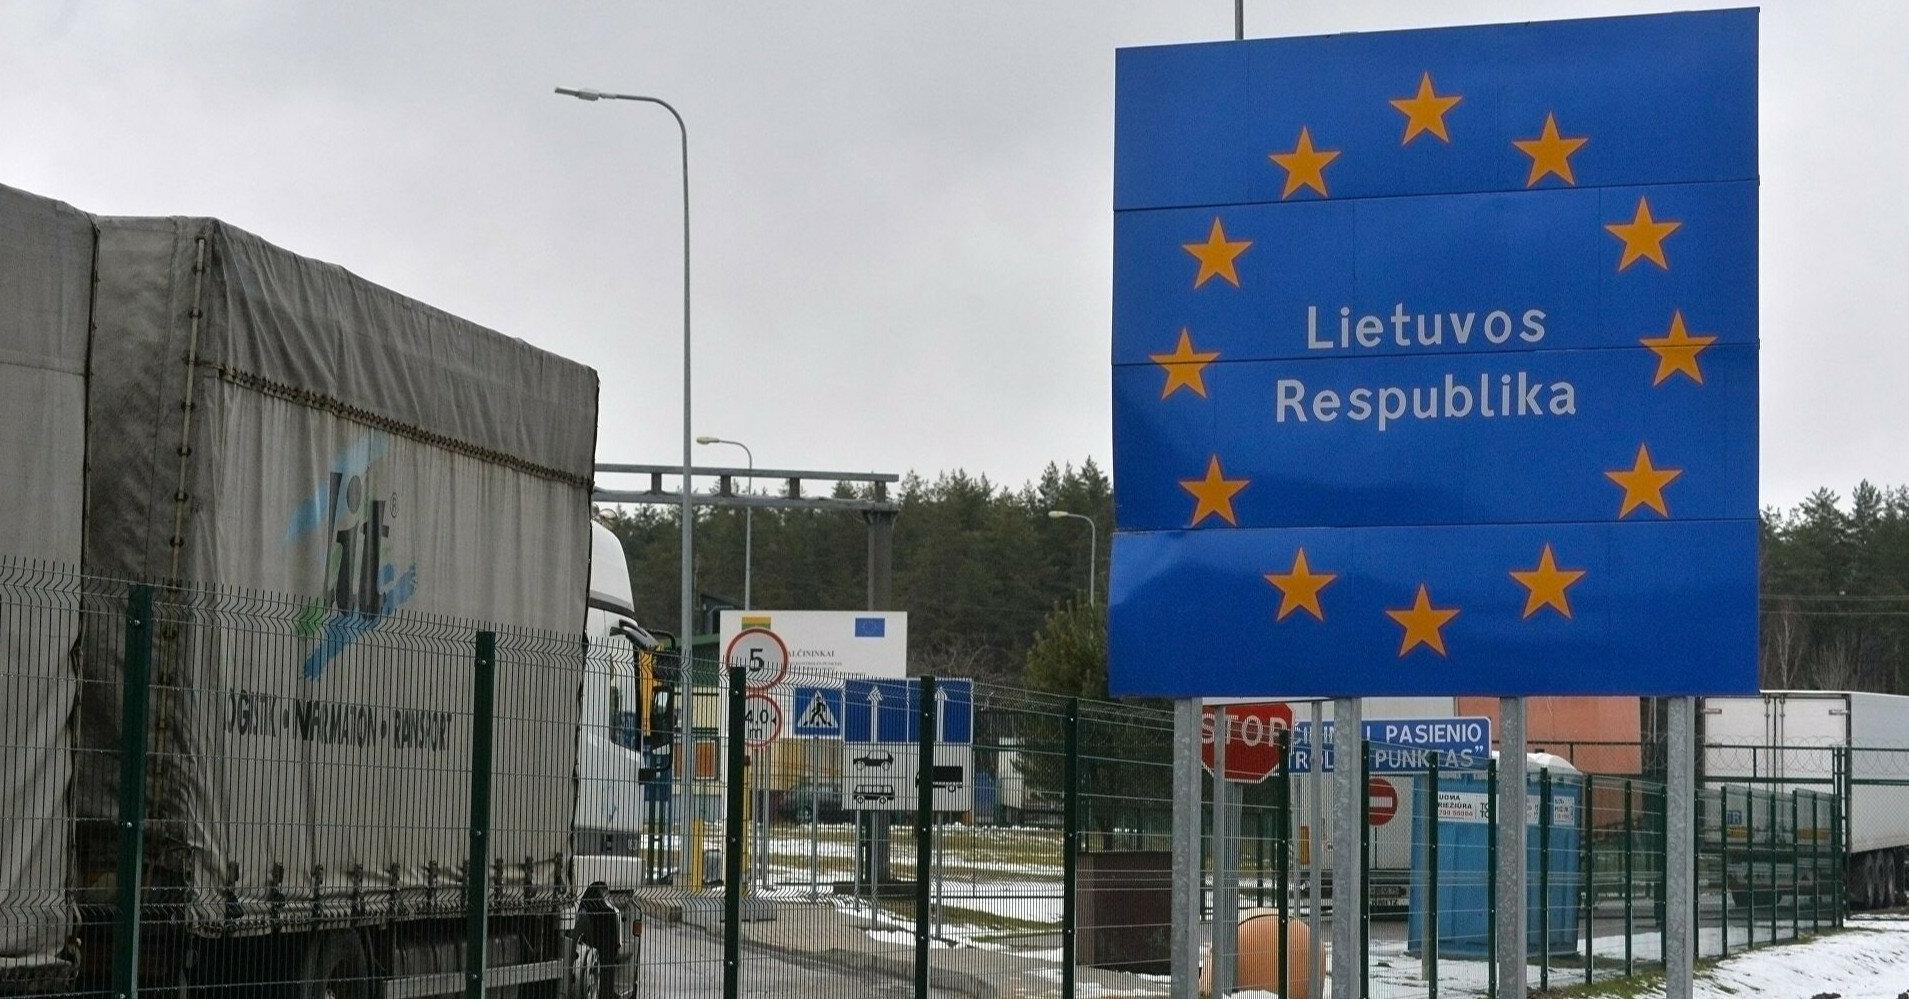 Литва планирует построить стену на границе с Беларусью